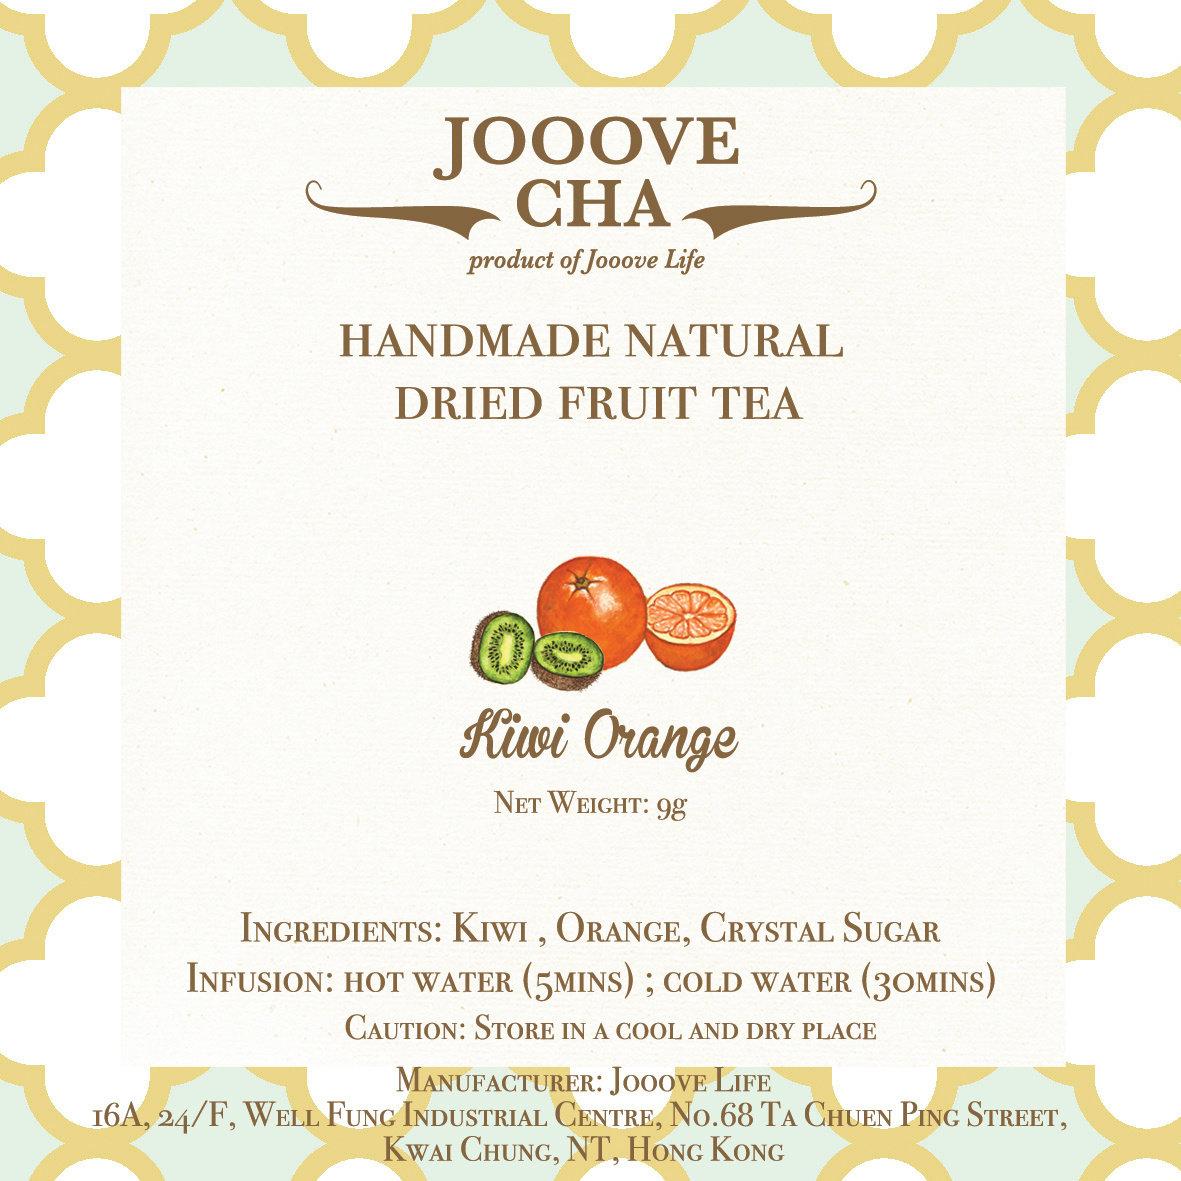 奇異果香橙果茶 Kiwi Orange Tea